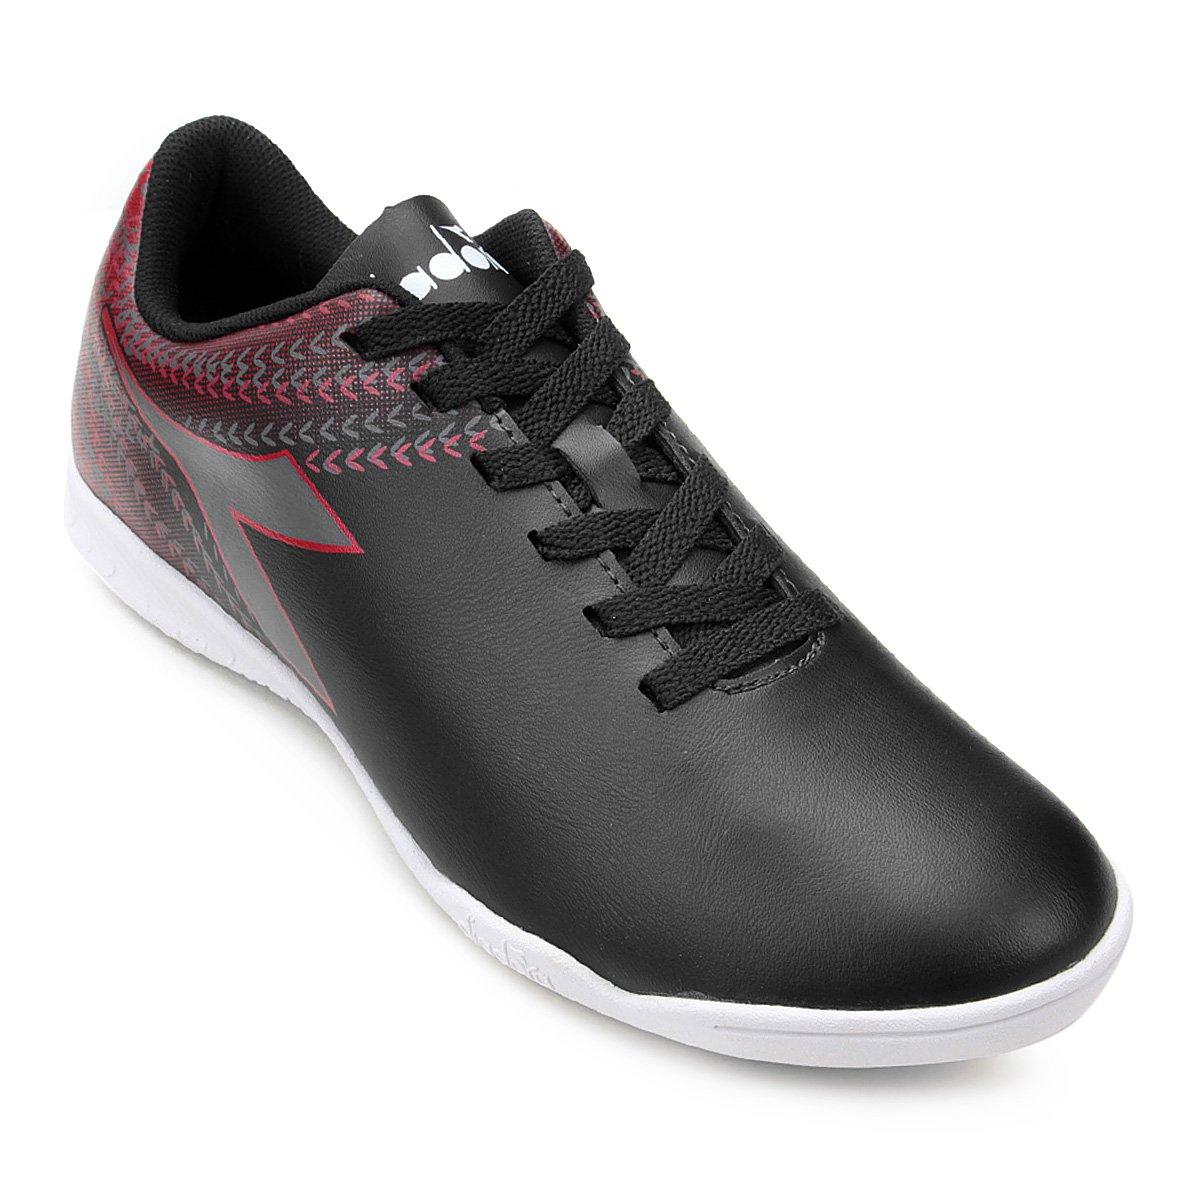 Chuteira Futsal Diadora Track - Preto e Vermelho - Compre Agora ... c102e9a014436